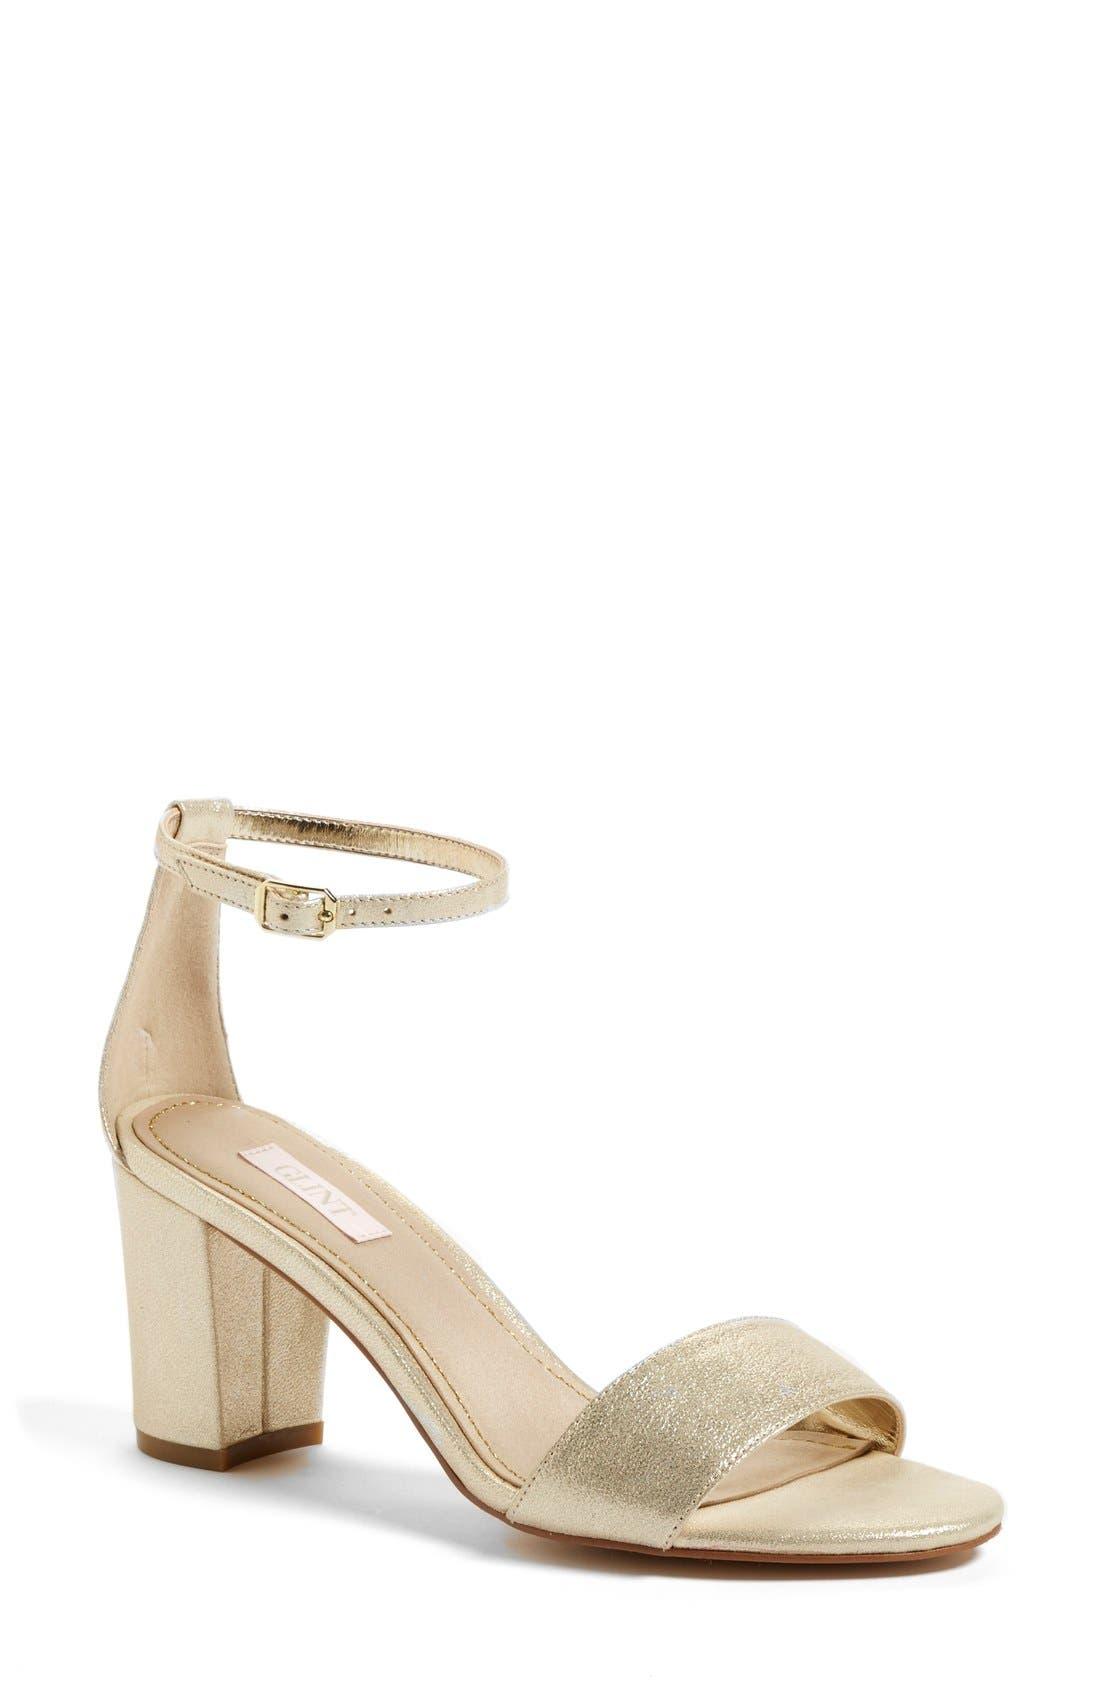 'Lana' Block Heel Ankle Strap Sandal,                         Main,                         color, Platino Metallic Suede